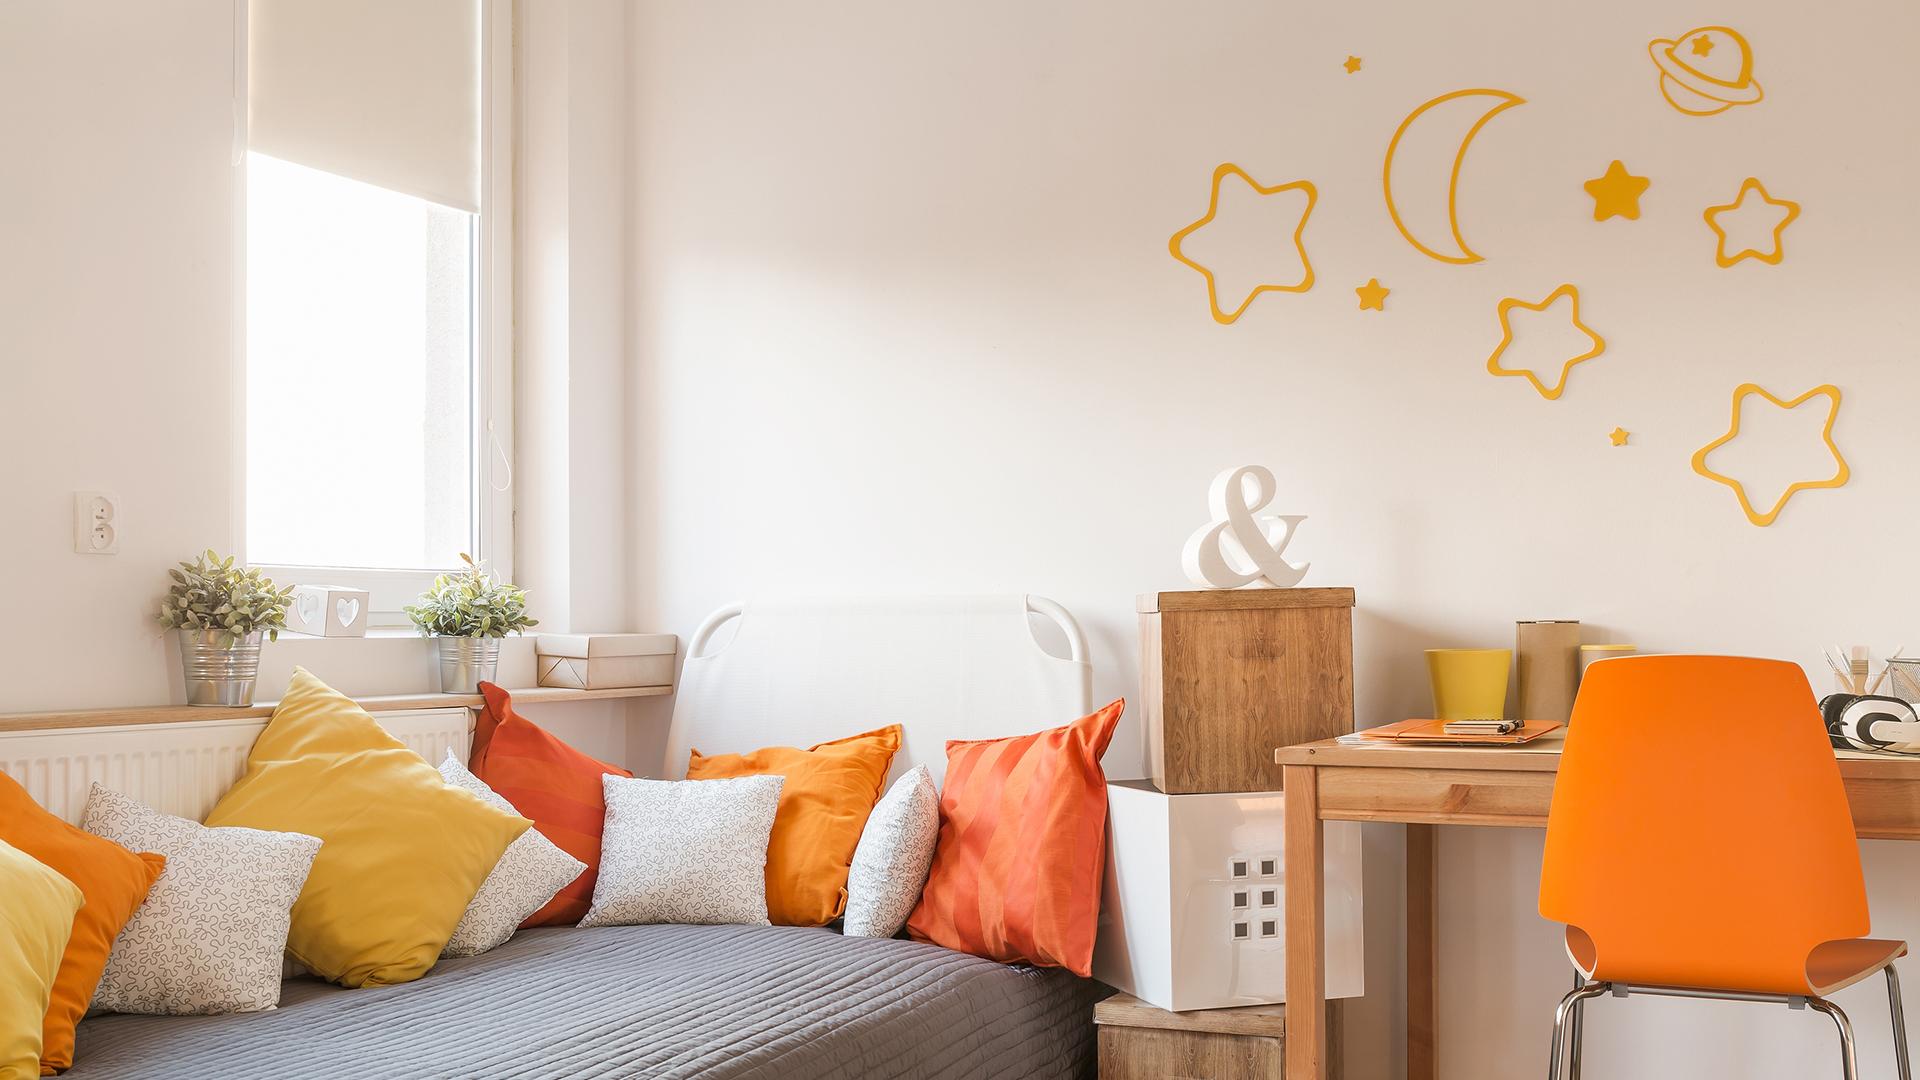 Estímulos demais nos quartos podem impedir o relaxamento e o descanso. O ideal é fazer uso equilibrado de cores e objetos de decoração.